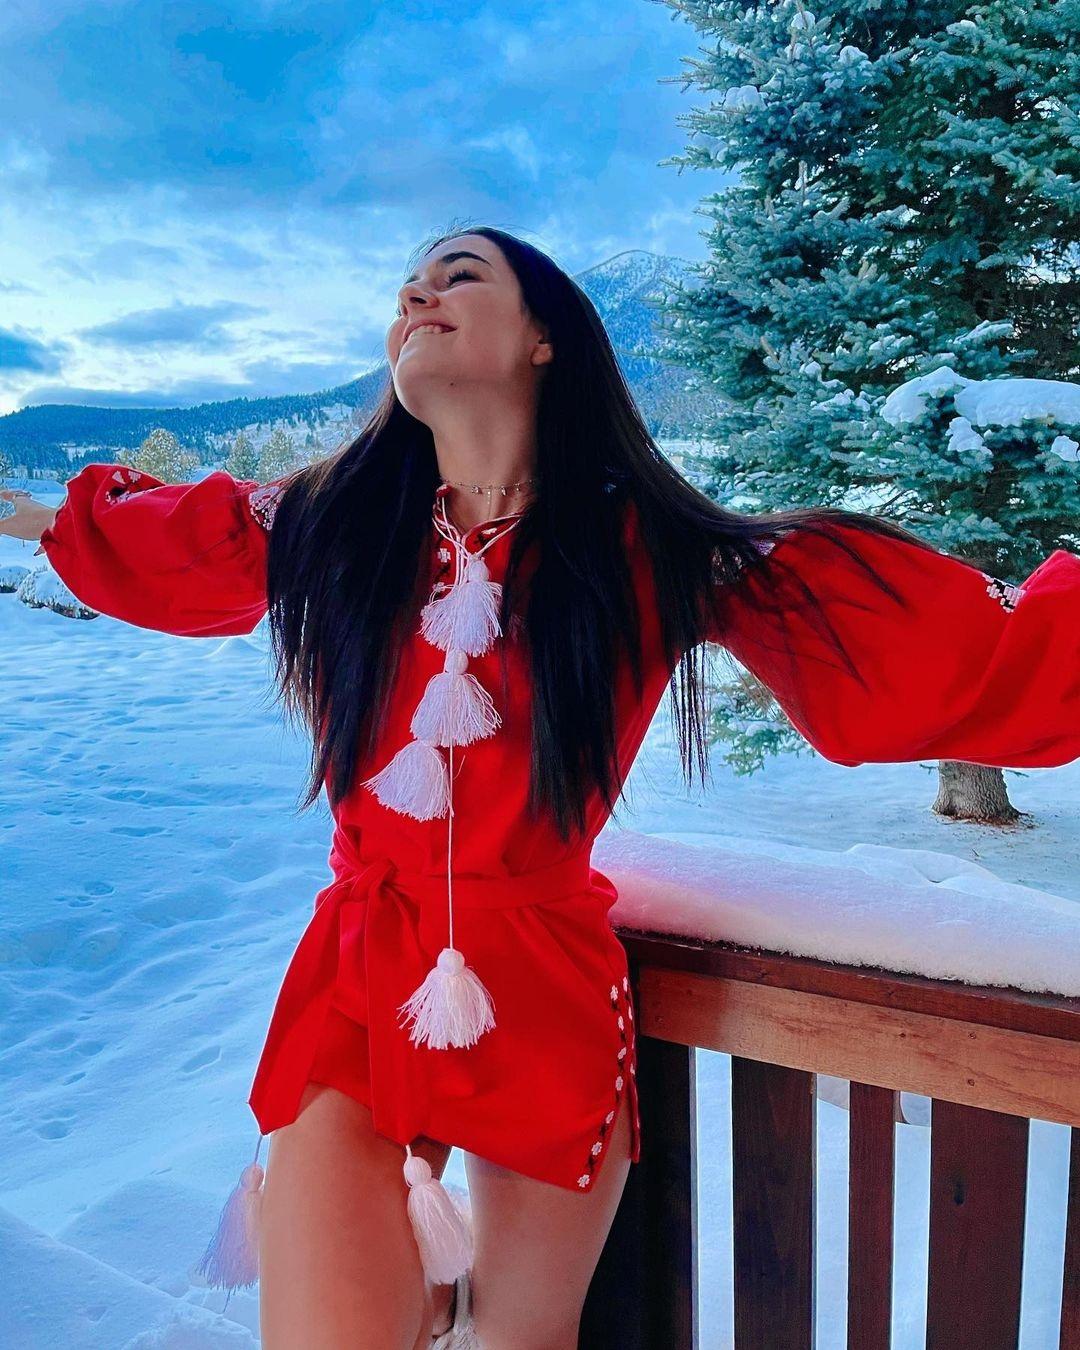 украинские звезды отдых новый год 2021 рождество отпуск путешествие анна тринчер